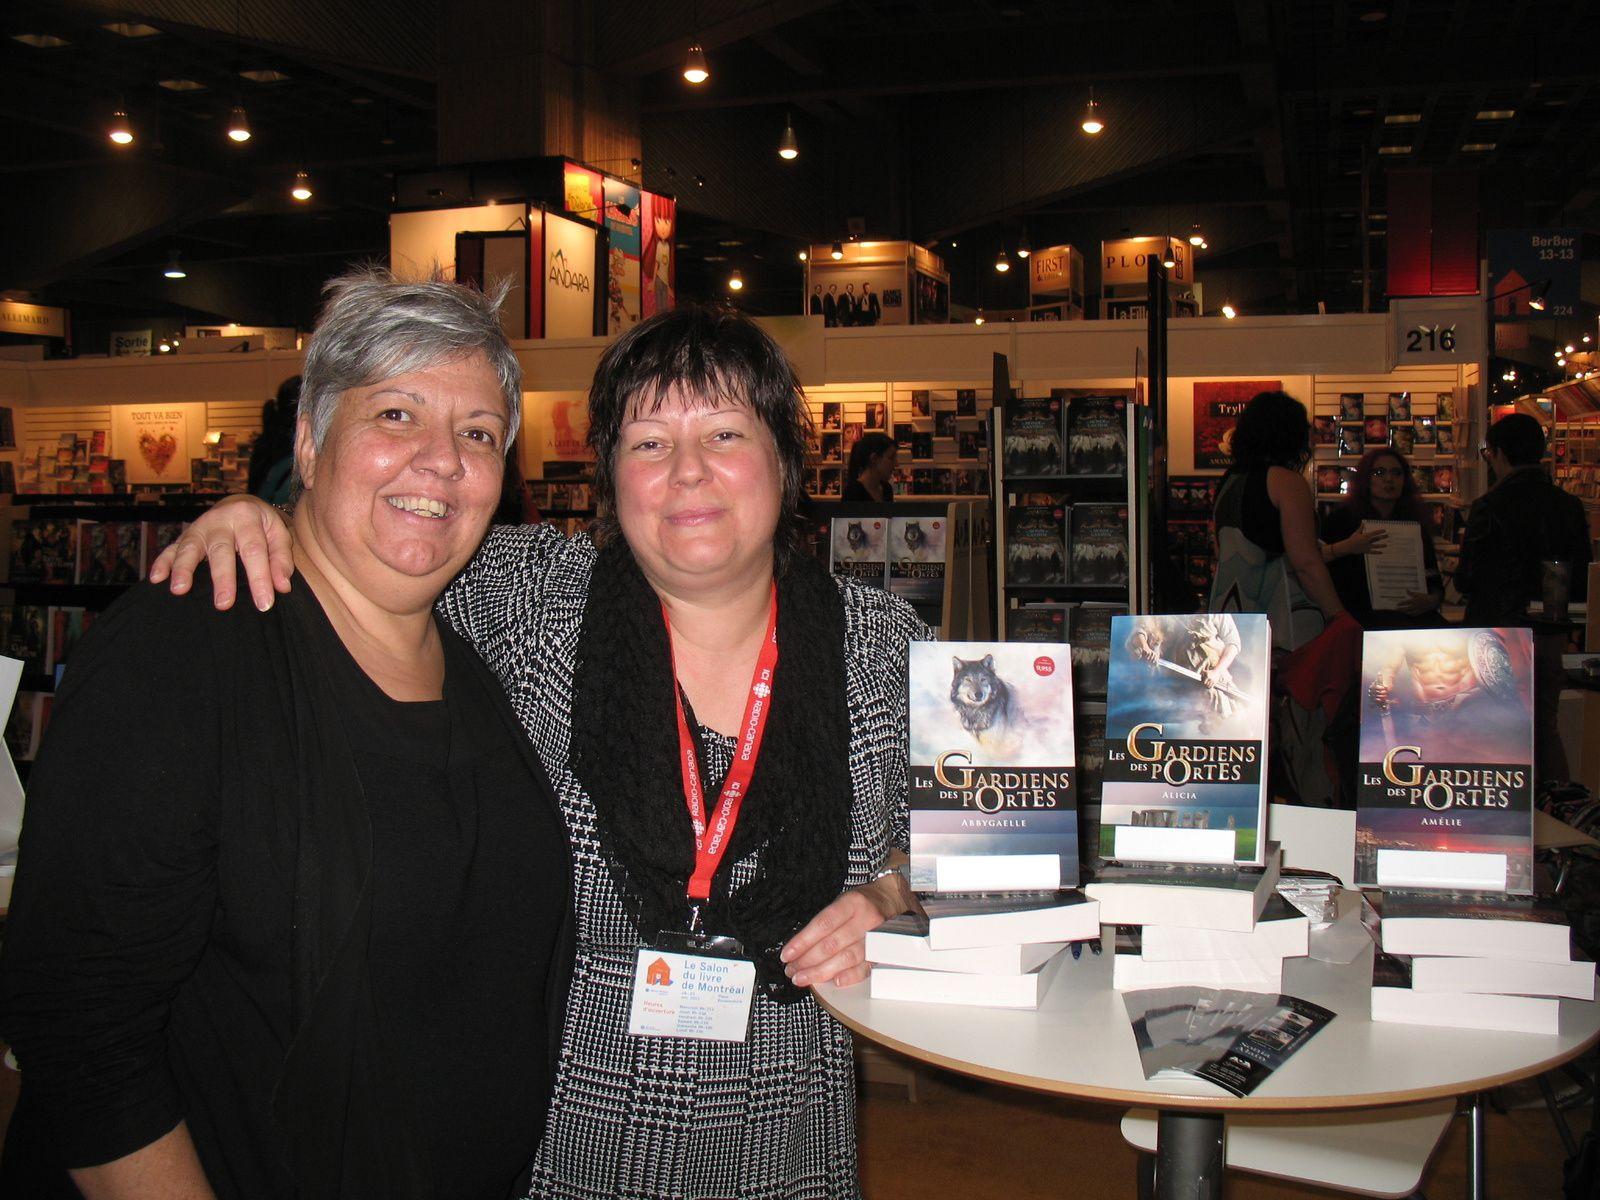 Salon du livre de Montréal | du 19 au 22 novembre 2015